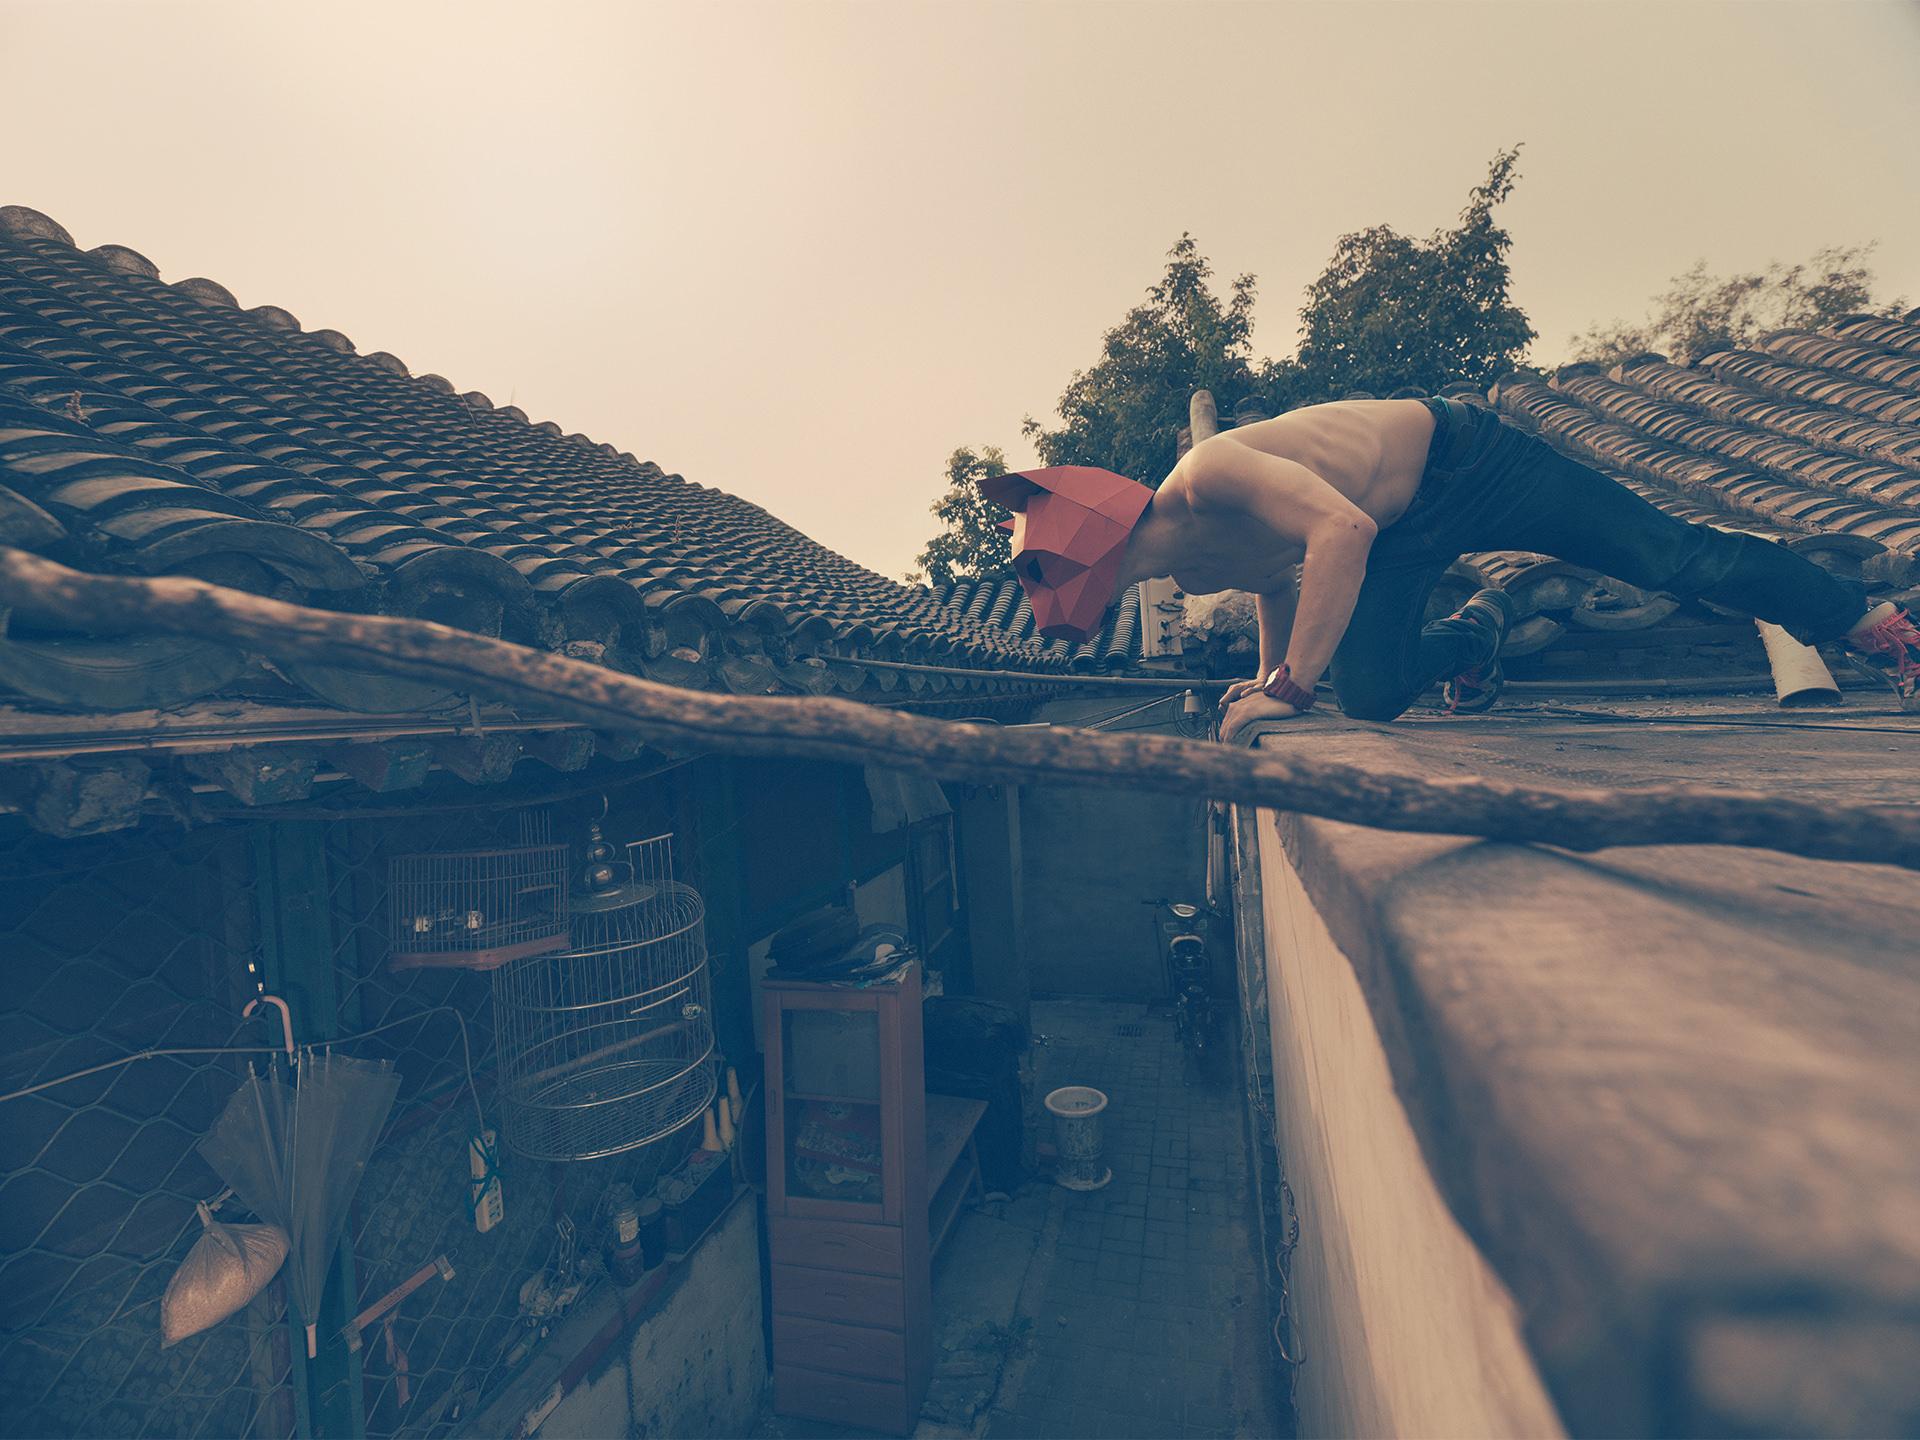 ©ankeluckmann1785, wintercroft, masken, beijing,china, www.ankeluckmann.com, parkour, peking, fine art, personal work, urban, goes awards, cat, roof, birds cage, hutong